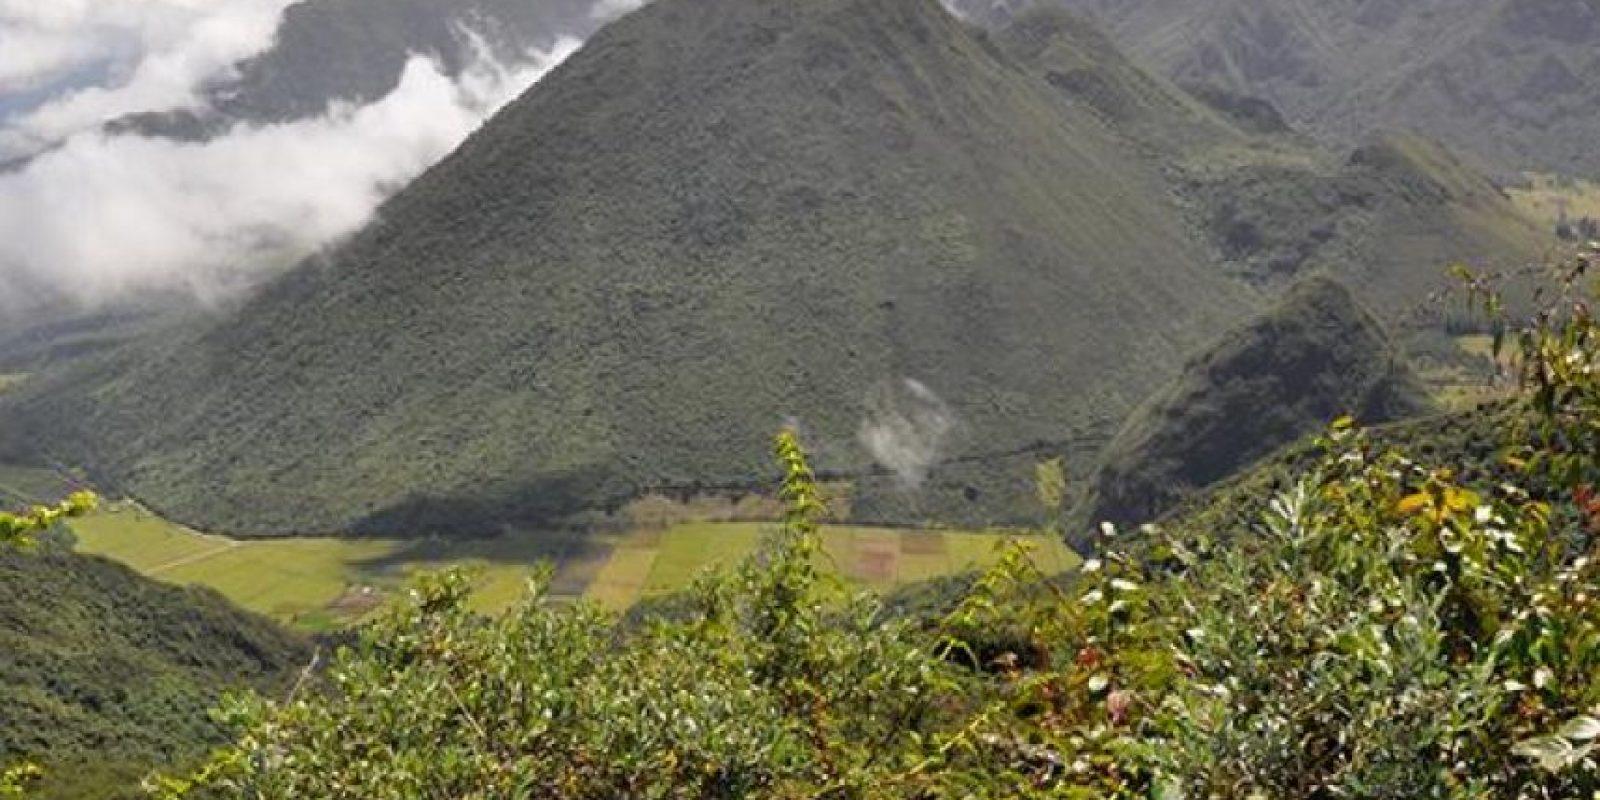 Inspiración y naturaleza juntos Foto:Vía quito.com.ec